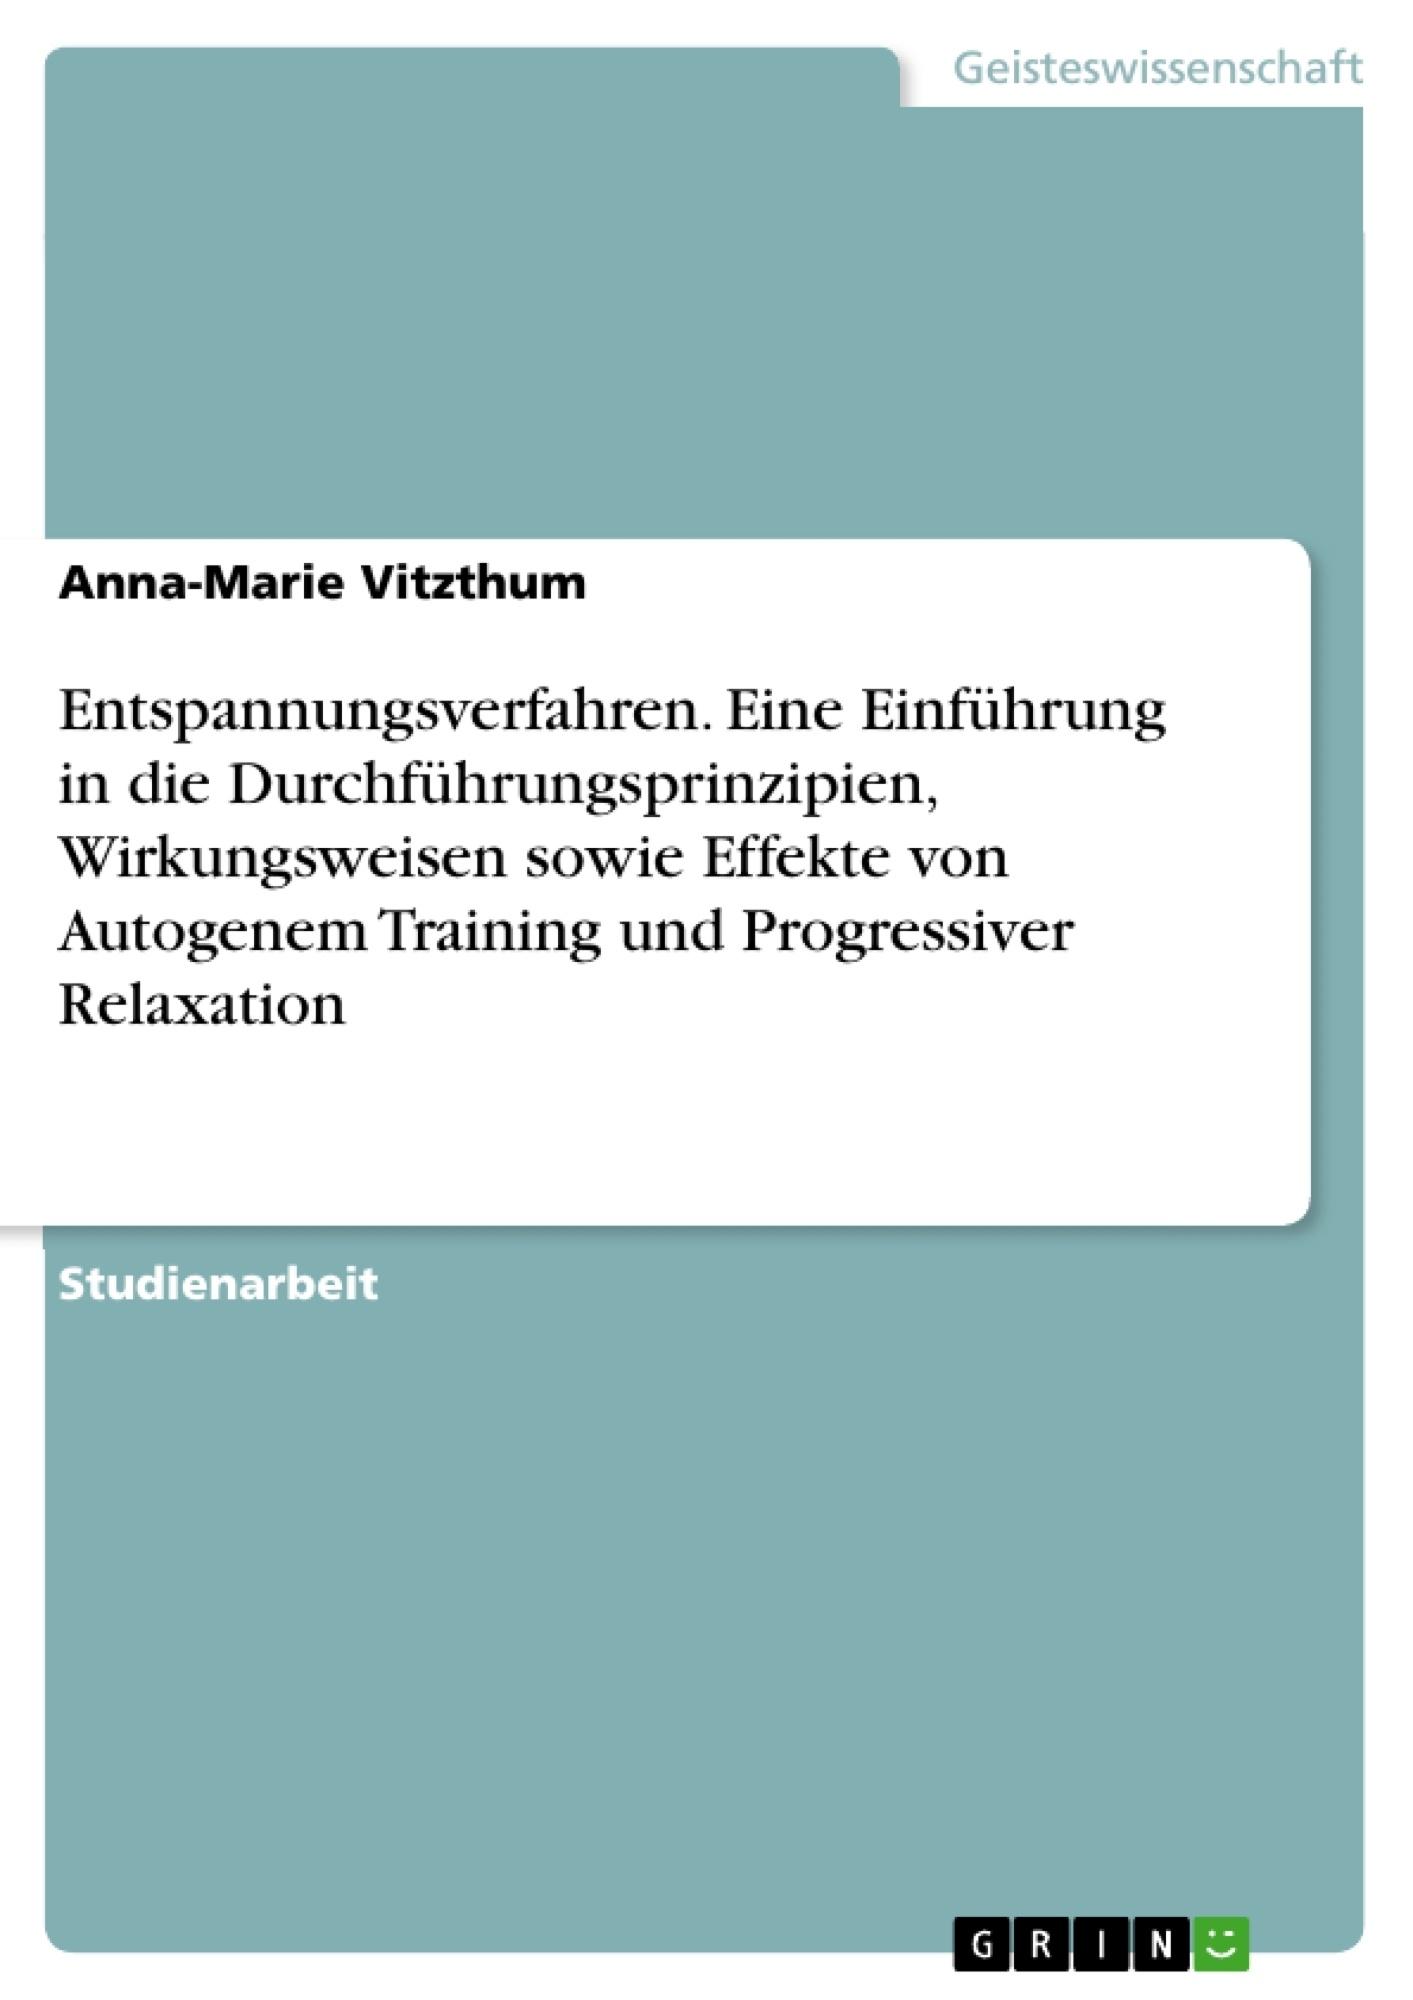 Titel: Entspannungsverfahren. Eine Einführung in die Durchführungsprinzipien, Wirkungsweisen sowie Effekte von Autogenem Training und Progressiver Relaxation